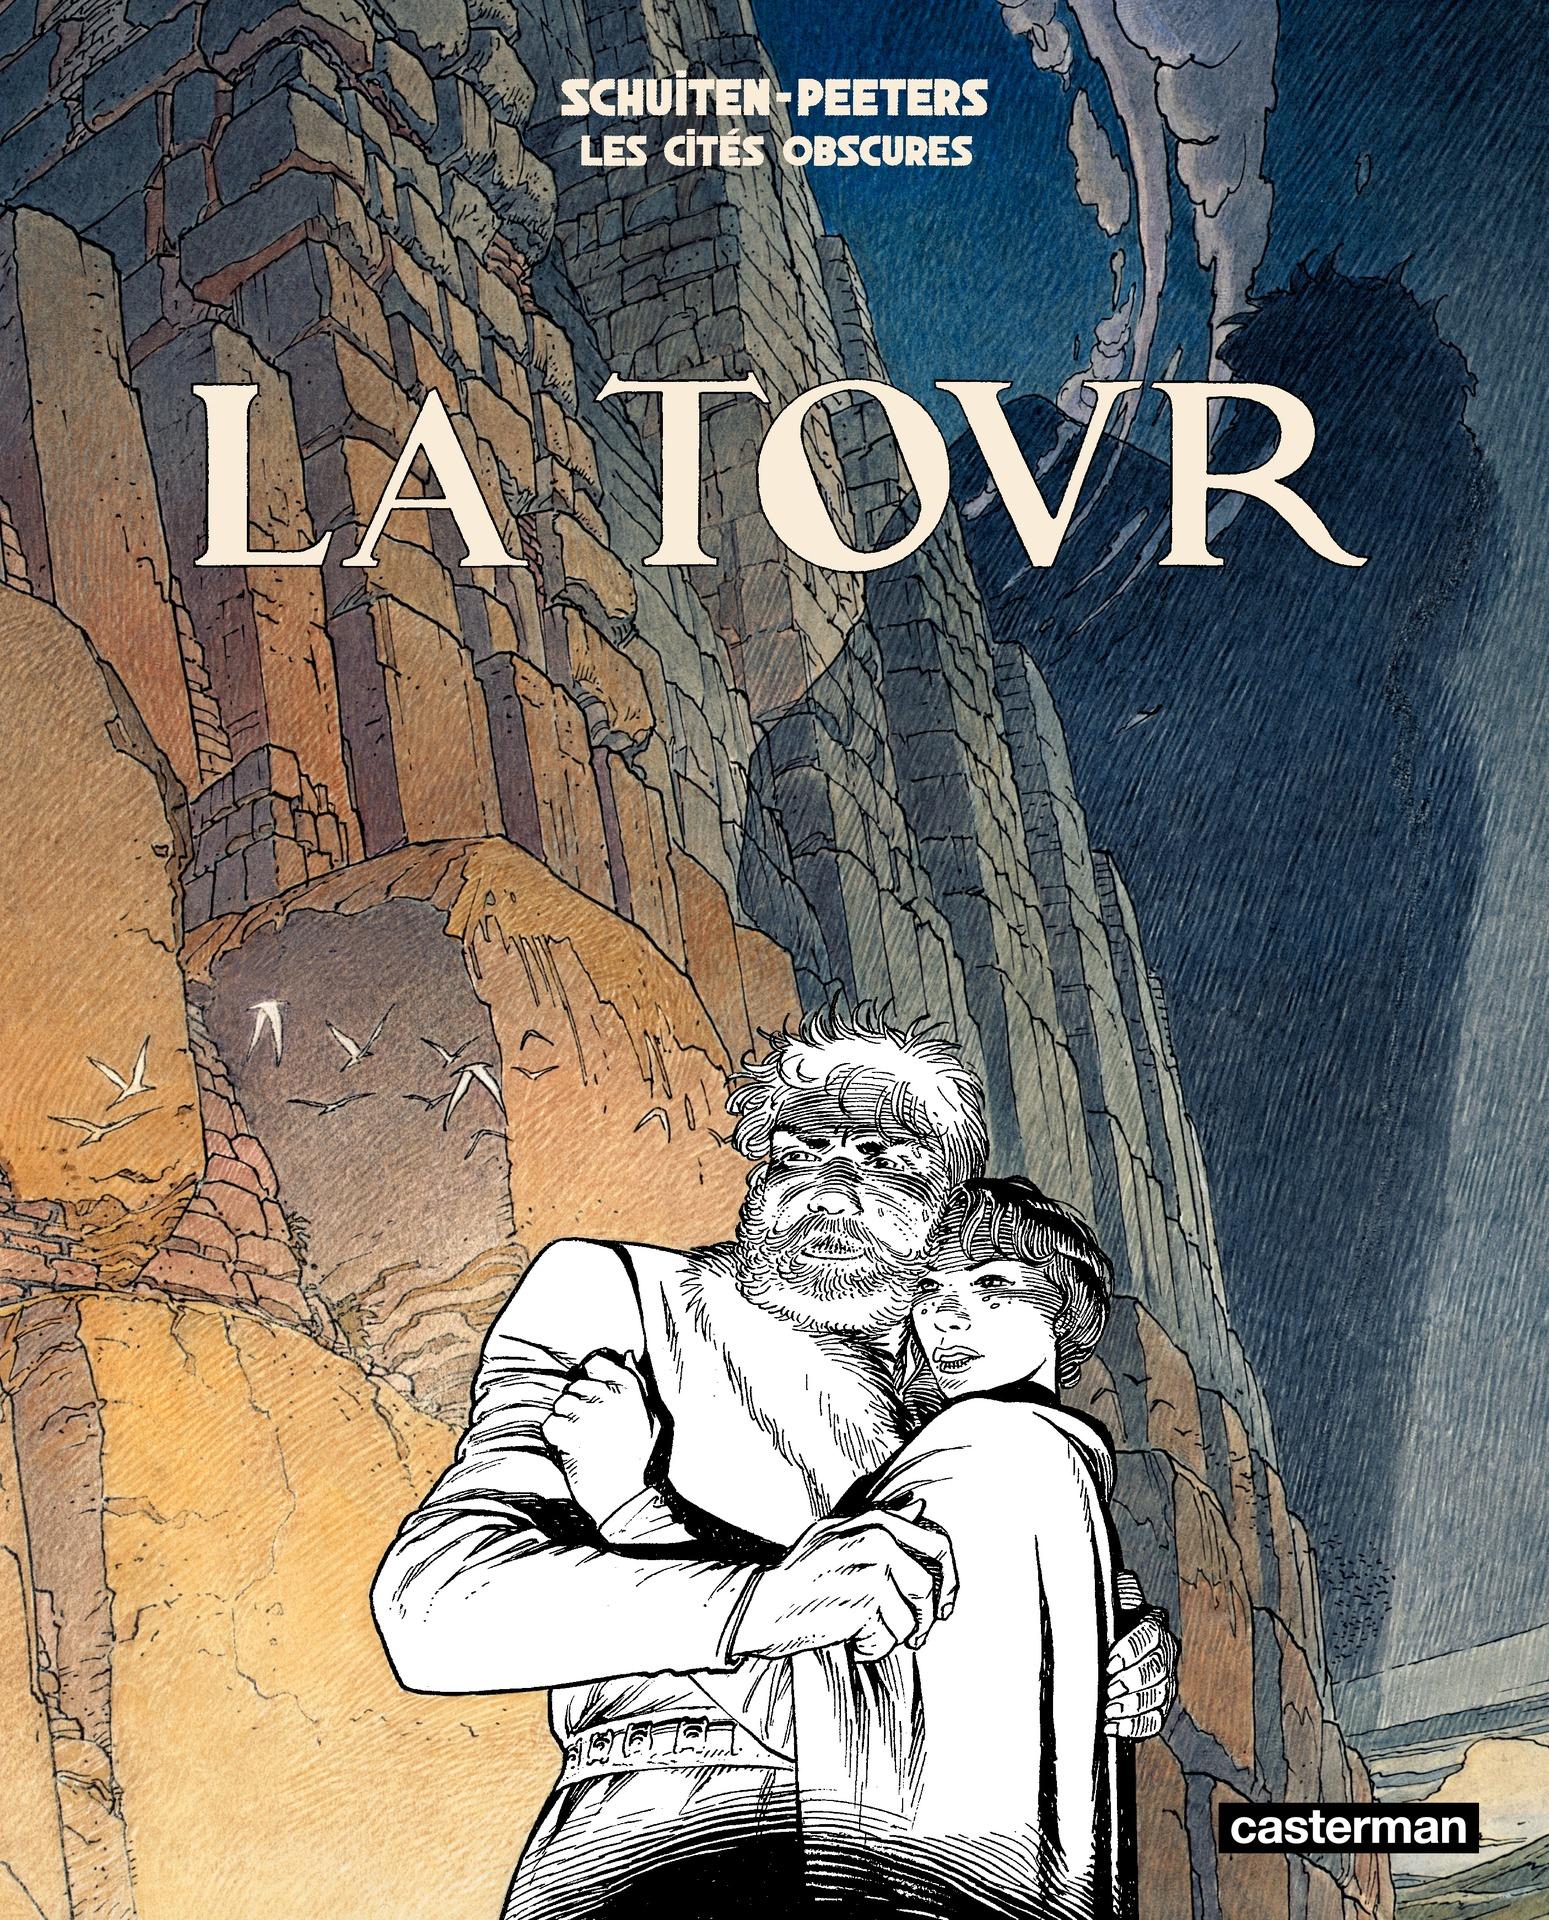 Les Cités obscures - La Tour